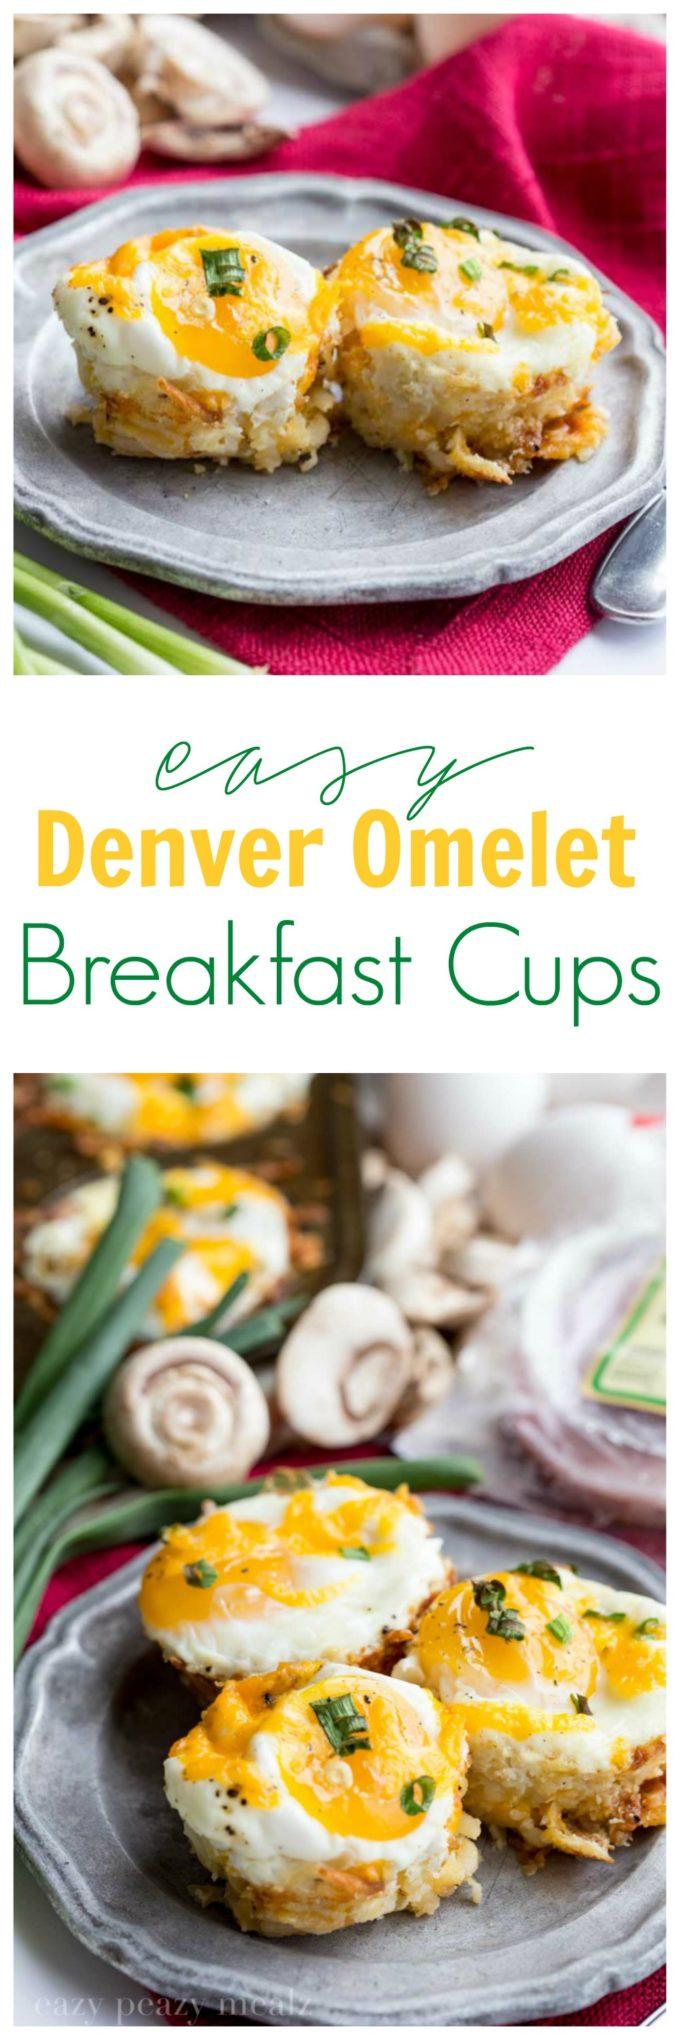 Easy Denver Omelet Breakfast Cups